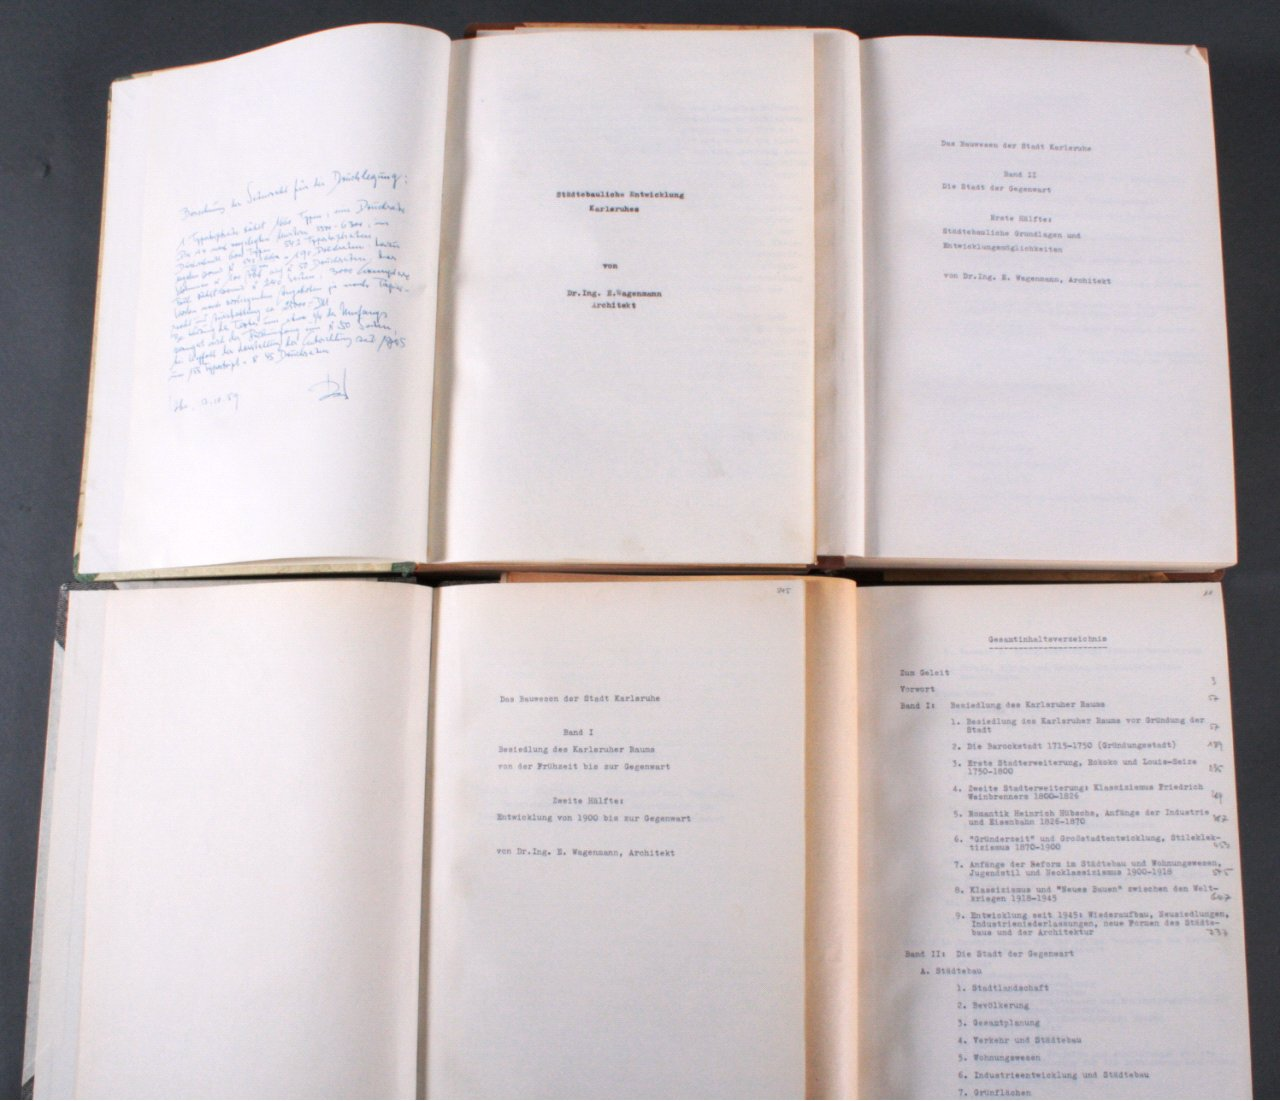 4 Manuskripte von Dr. E. Wagenmann-1